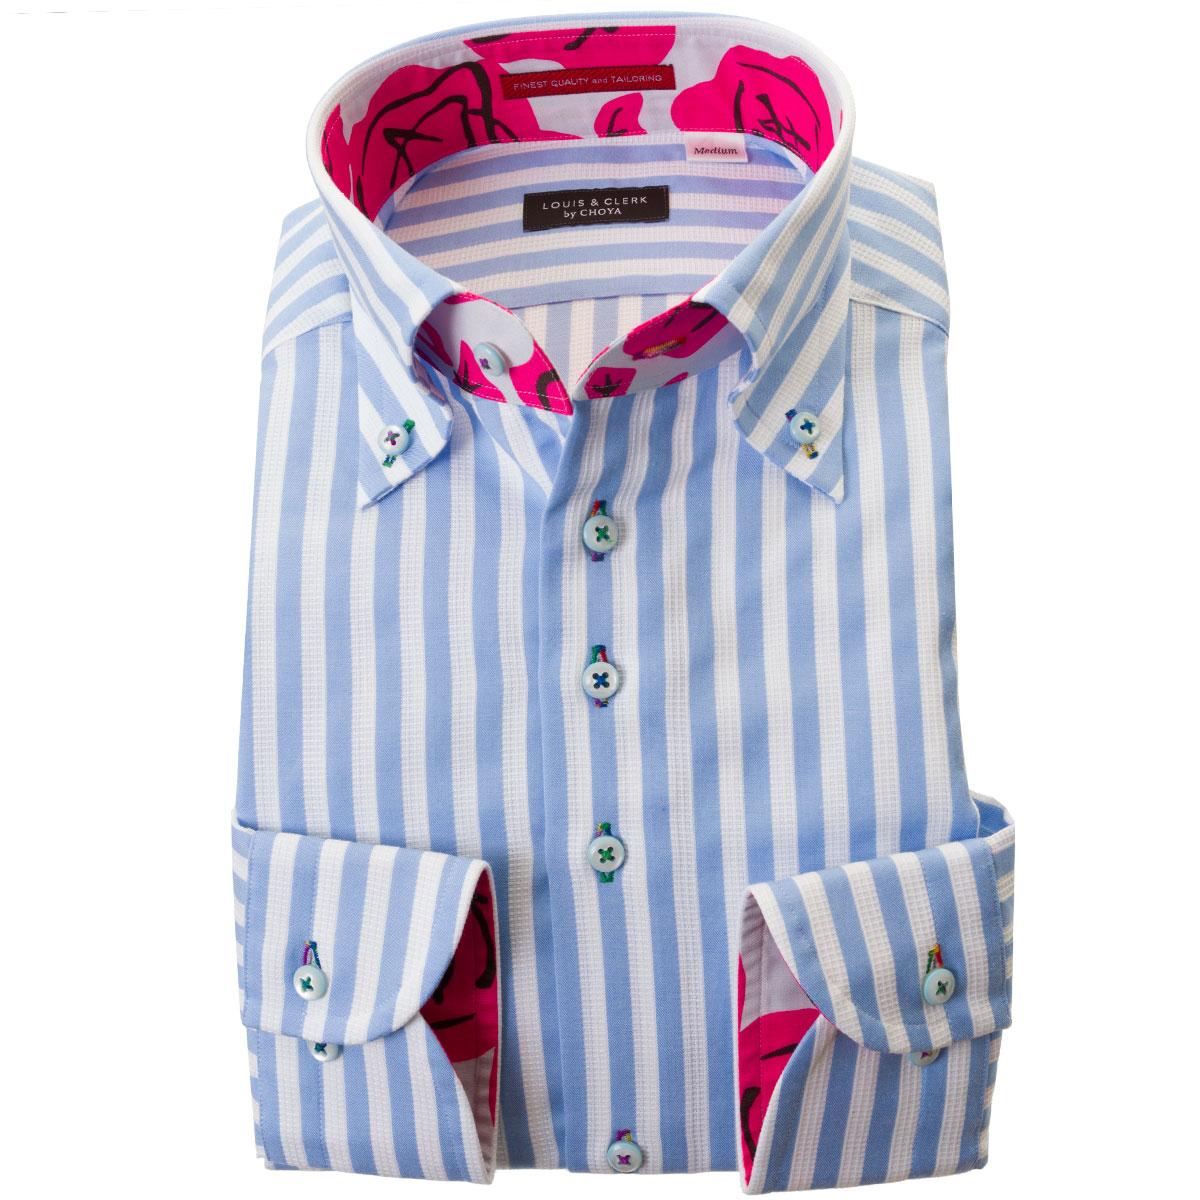 ドレスシャツ ワイシャツ シャツ メンズ 国産 長袖 綿100% 胸ポケット無 コンフォート ボタンダウン ブロックストライプ スカイブルー ホワイトメッシュ織